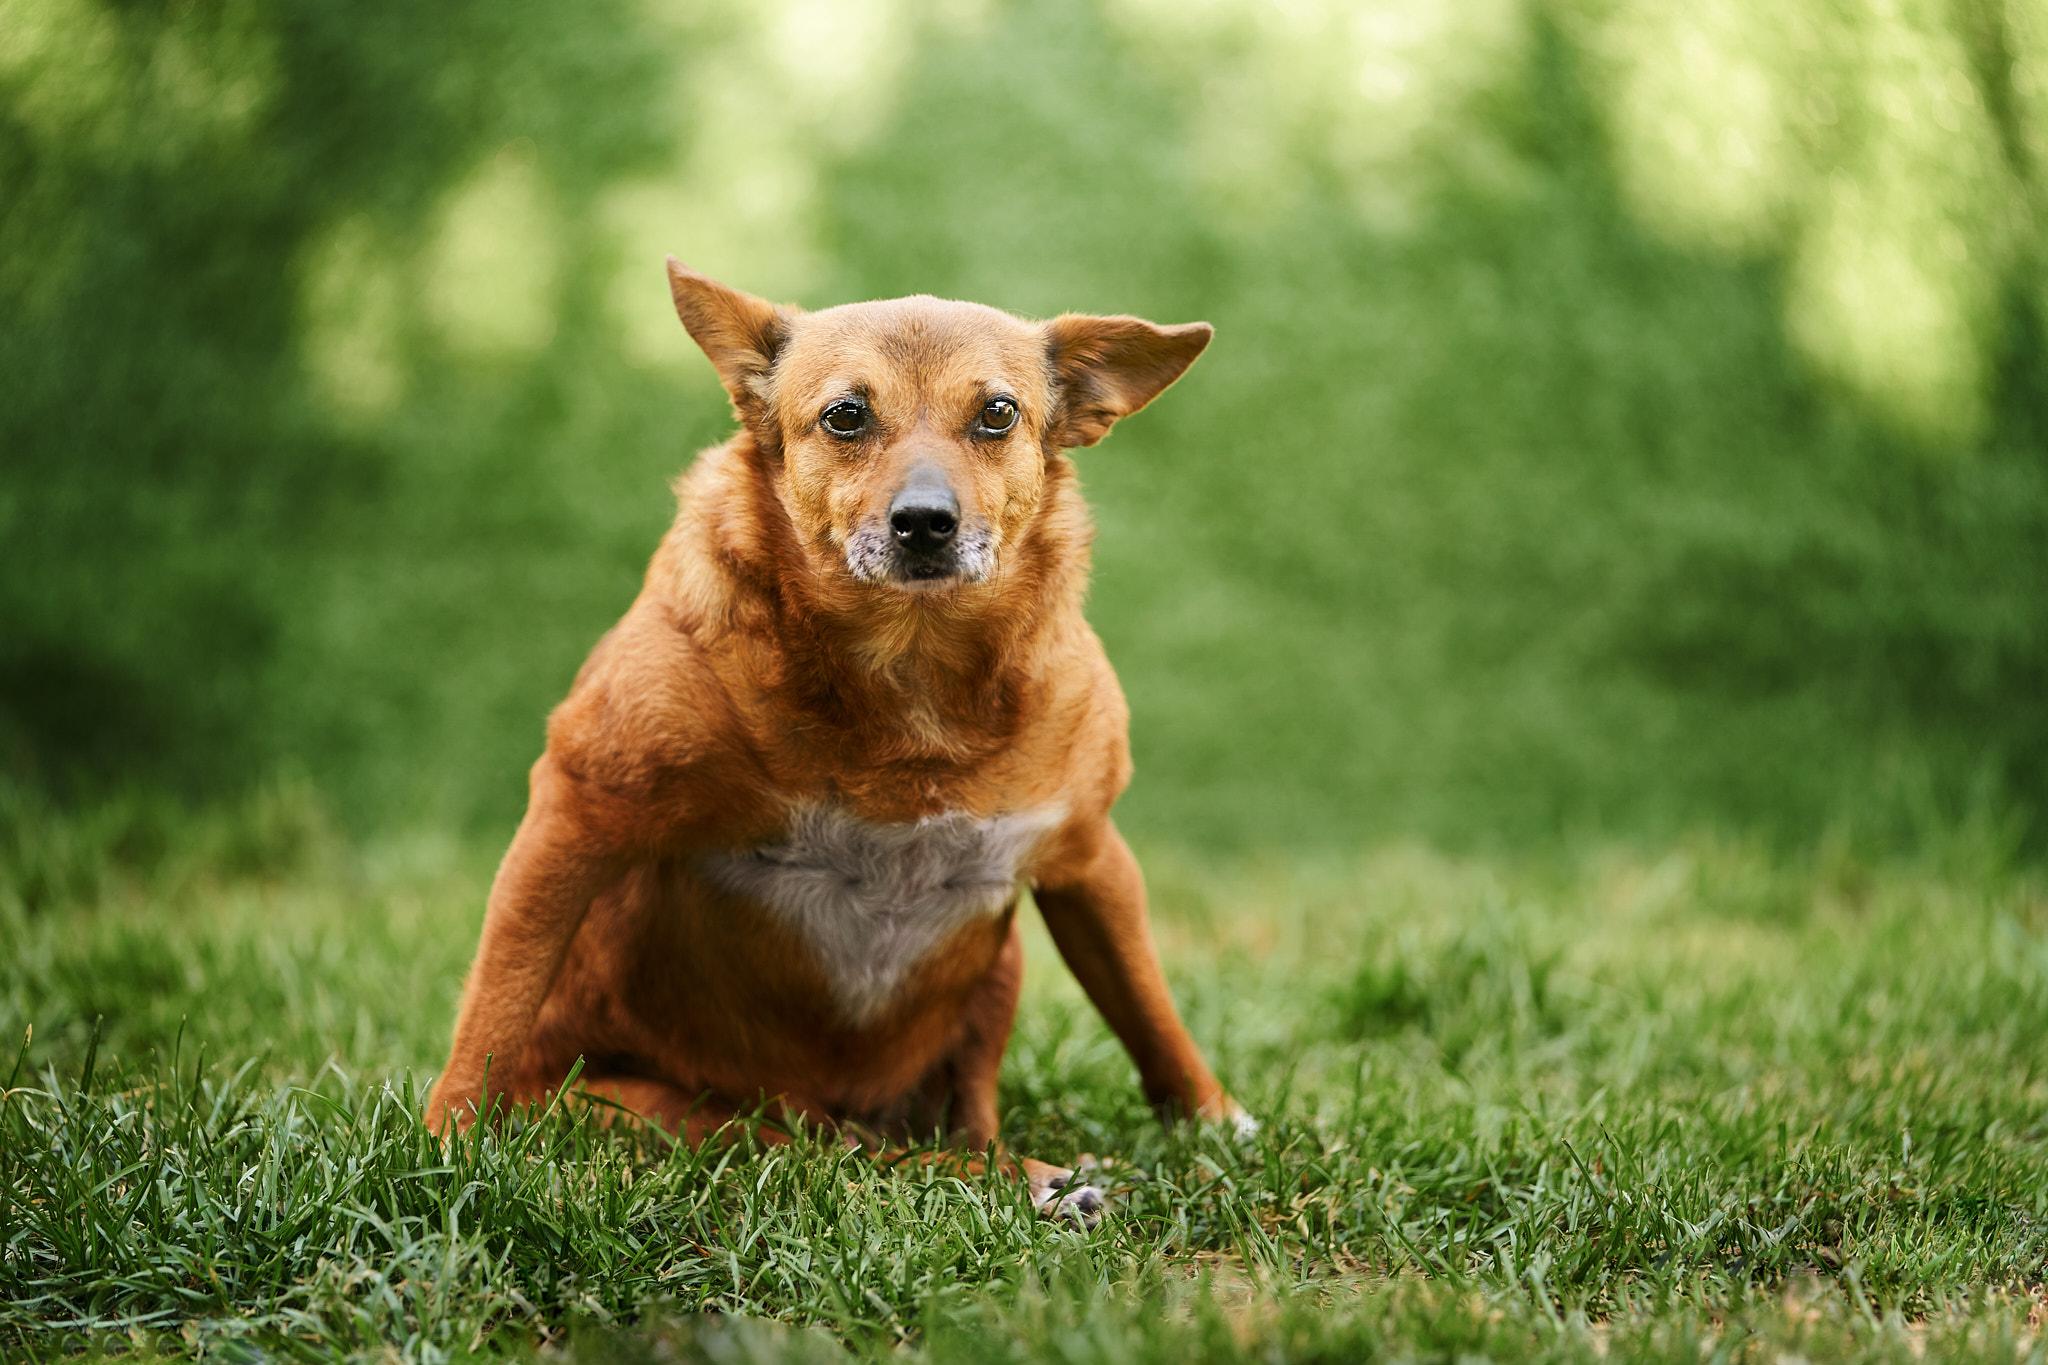 cani disabili, giorgio baruffi fotografo di cani a brescia